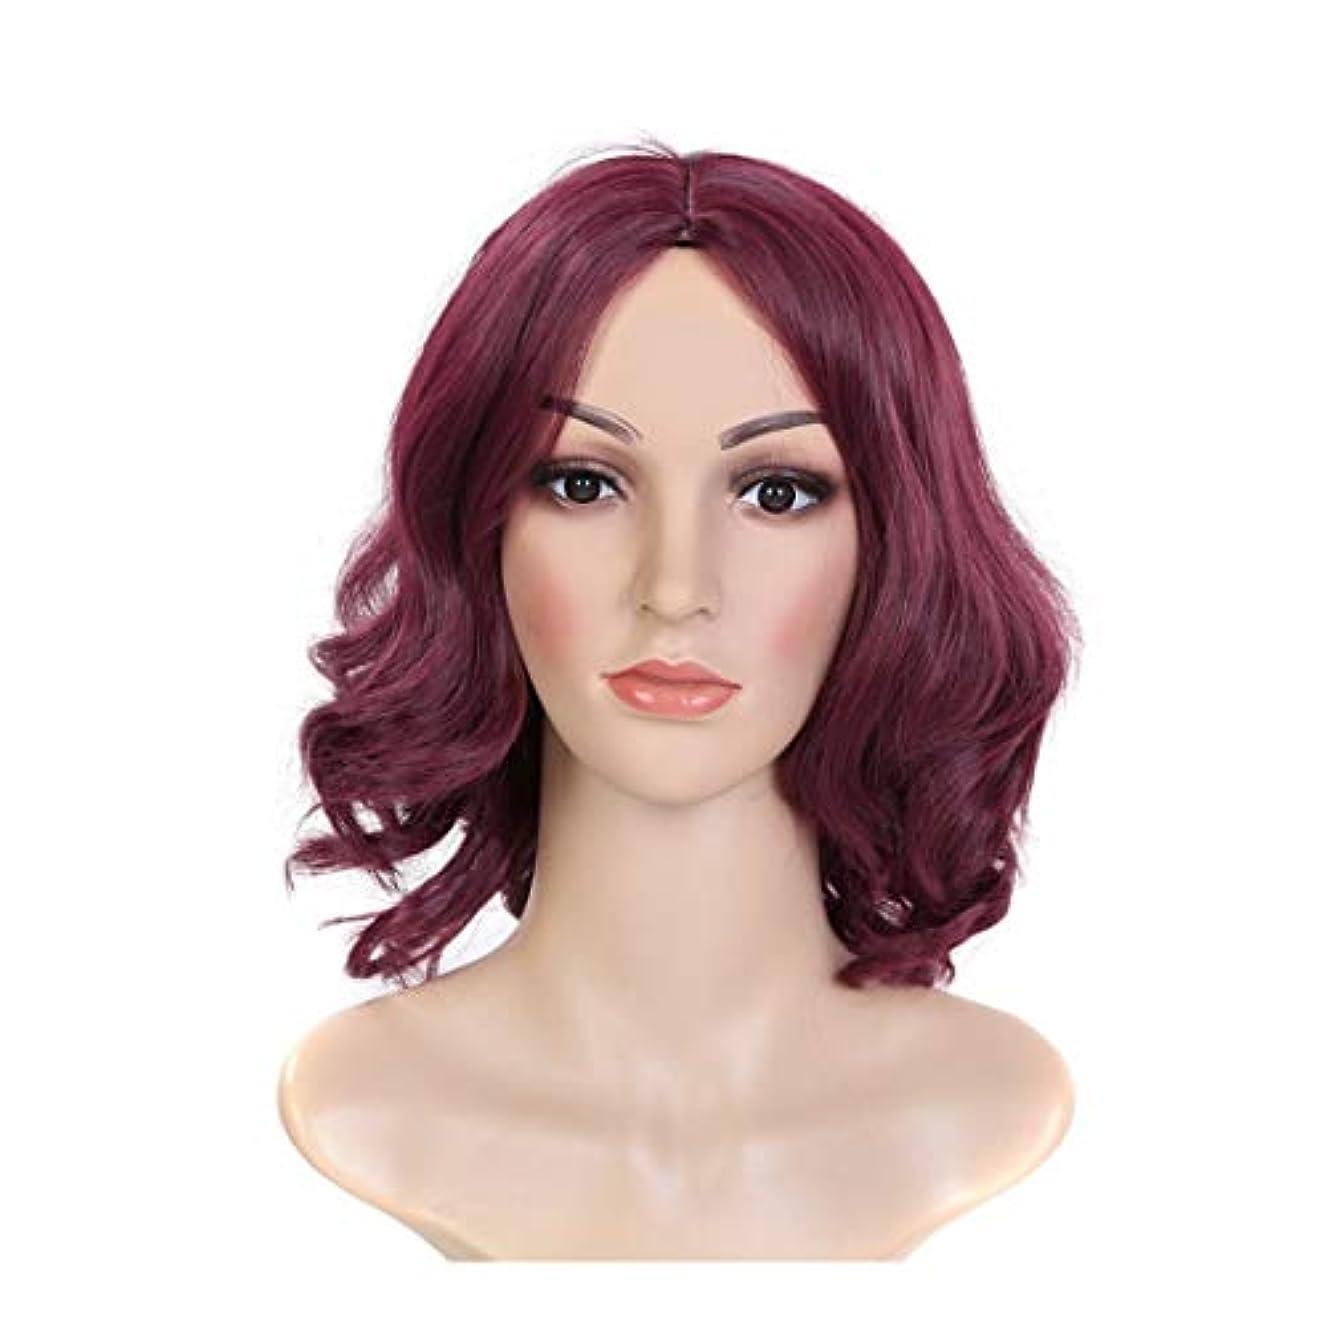 群れ破産テニスYOUQIU 女性のかつらのためのワインレッド気質スプリットかつらヘッドギア剃った顔短い巻き毛のかつら (色 : Red wine)